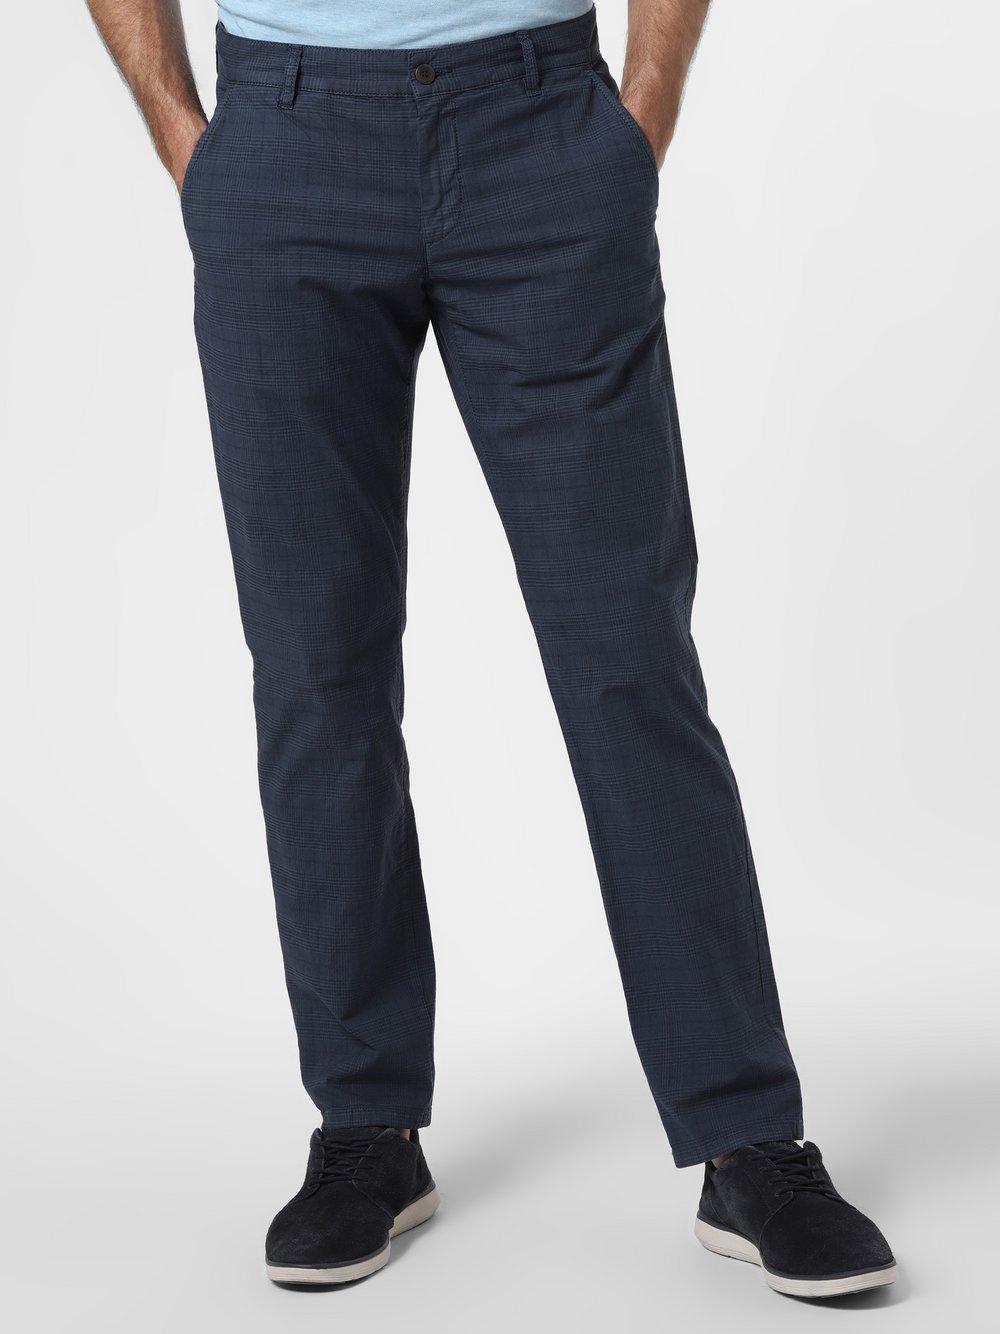 Alberto – Spodnie męskie – Lou-J, niebieski Van Graaf 463332-0001